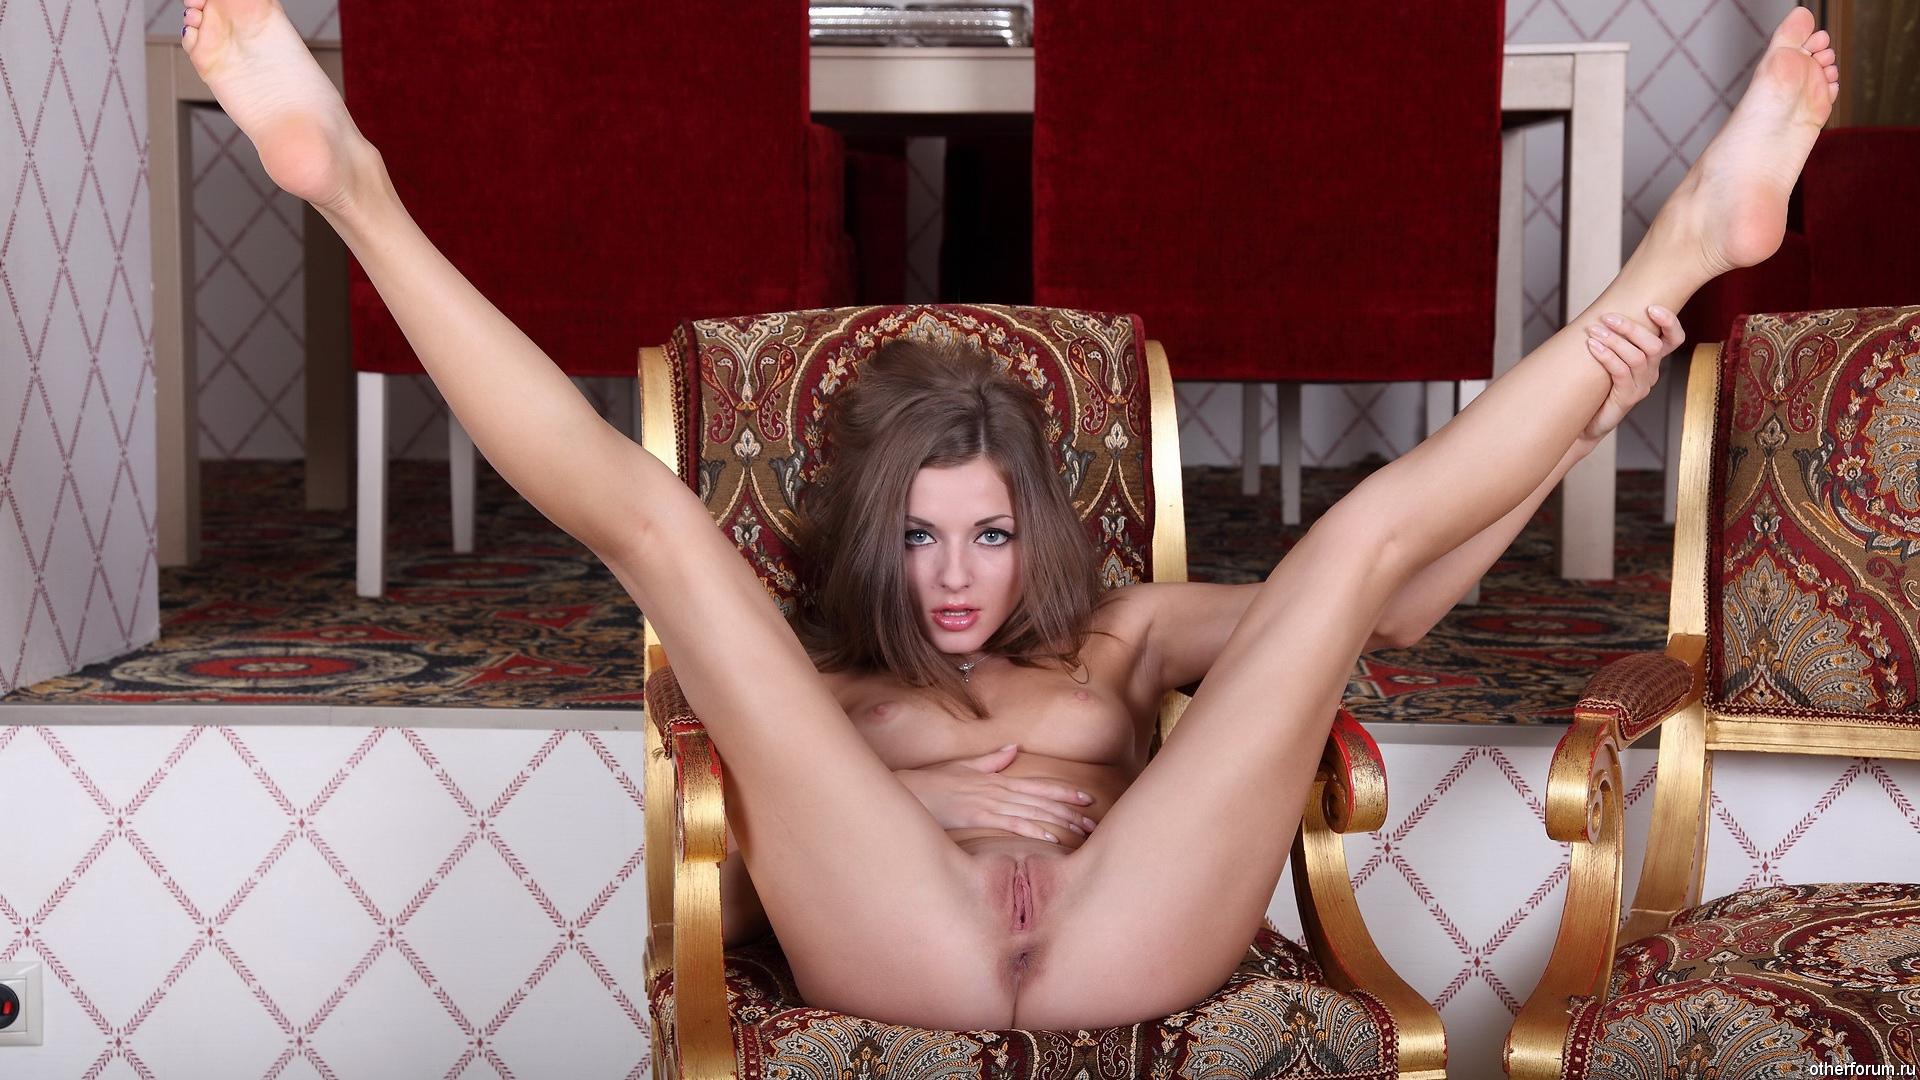 Фото с широко раскинутыми ногами, Раздвинутые ноги - красивые девушки раздвигают 7 фотография